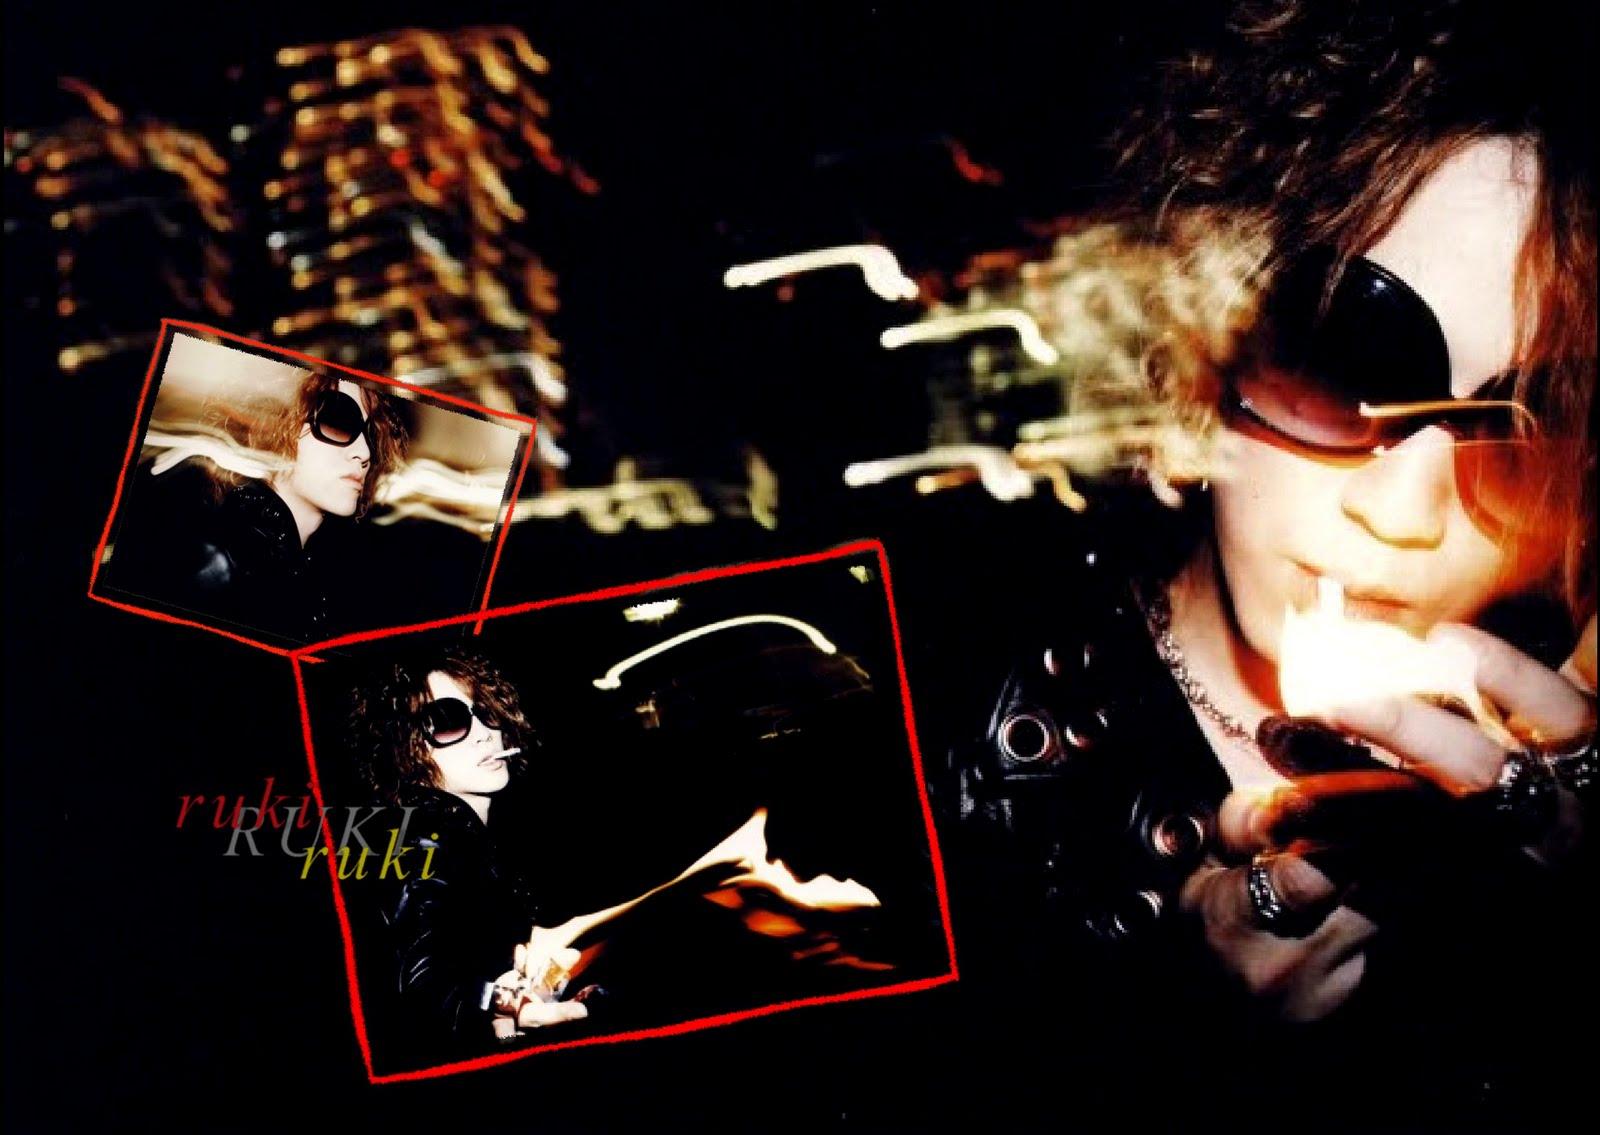 http://2.bp.blogspot.com/-O4t5eCzGWH0/Td82QT1wXsI/AAAAAAAAAYk/O3_QT_xcpBA/s1600/RUKI+WALLPAPER.JPG